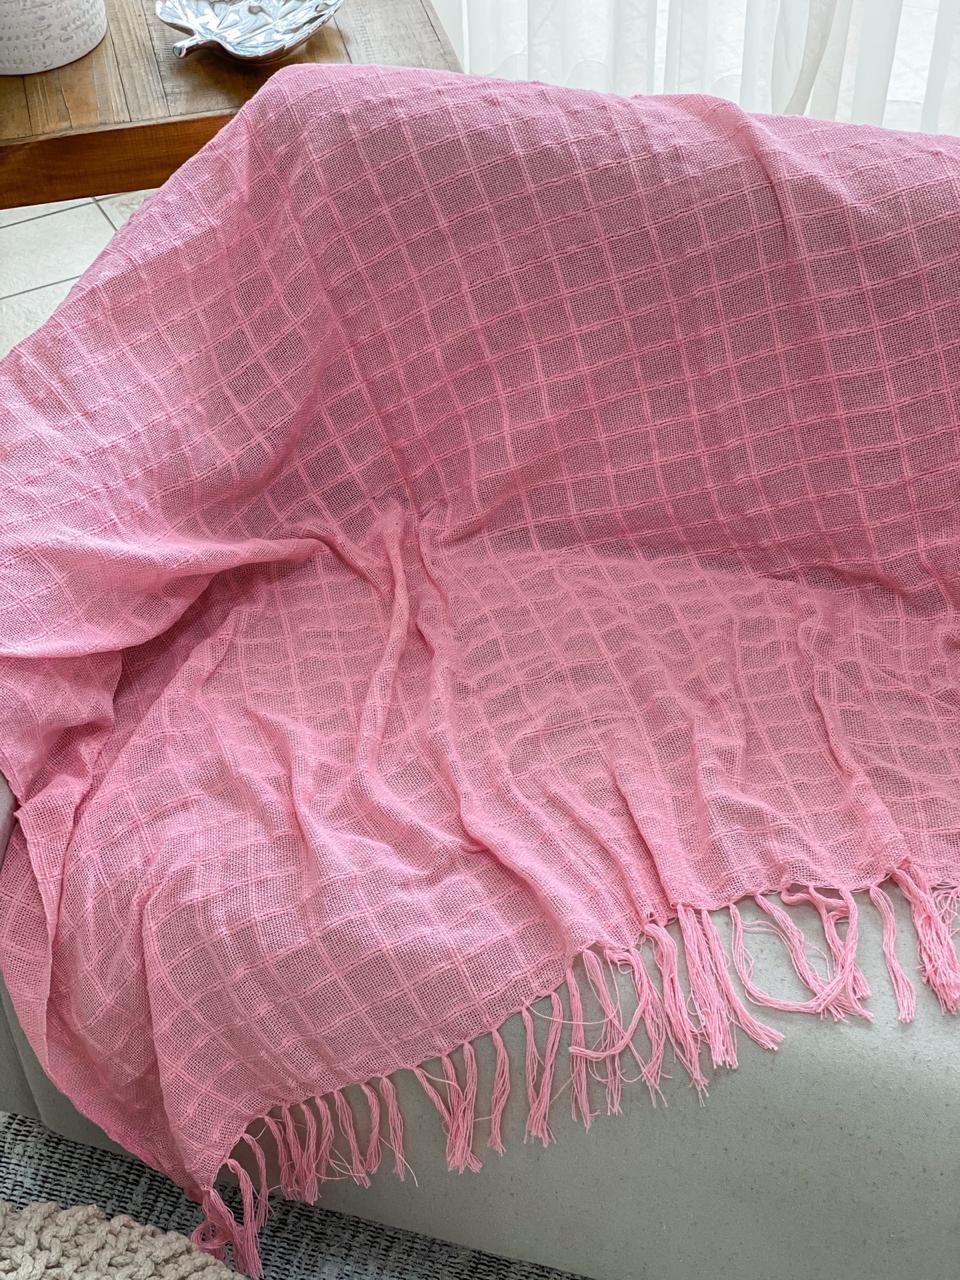 Manta Decorativa Algodão Rosa 120x180